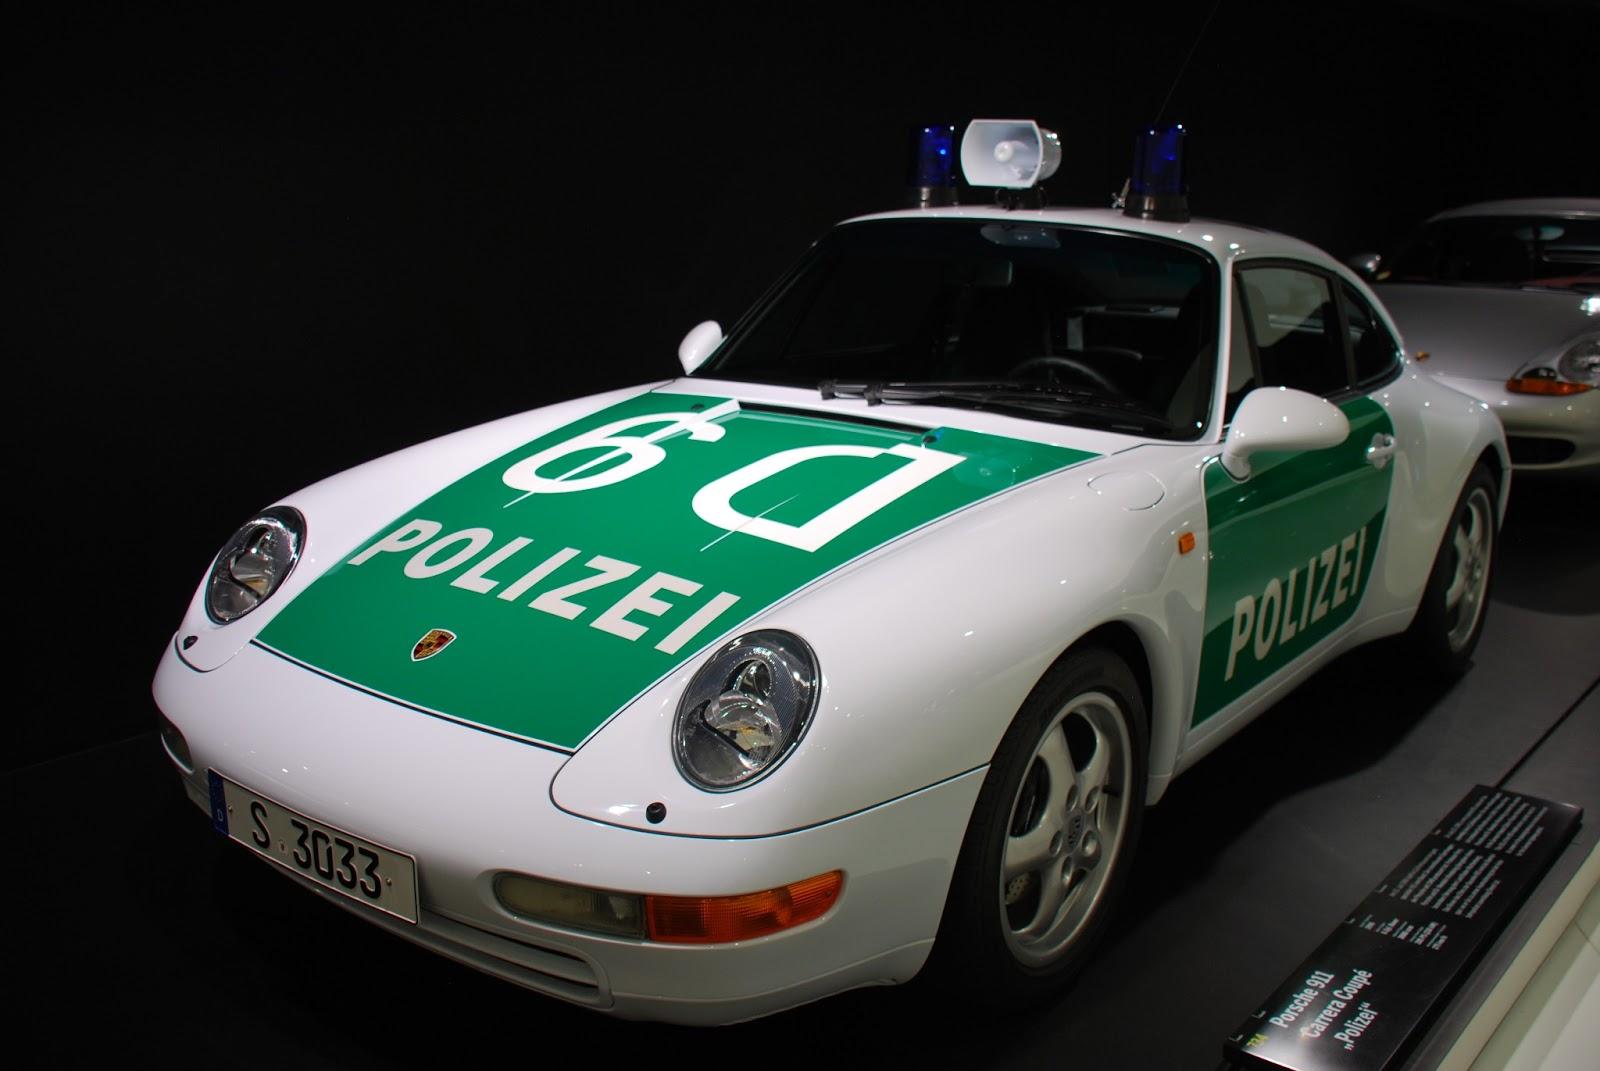 Porsche Cars in Their Porsche Police Car